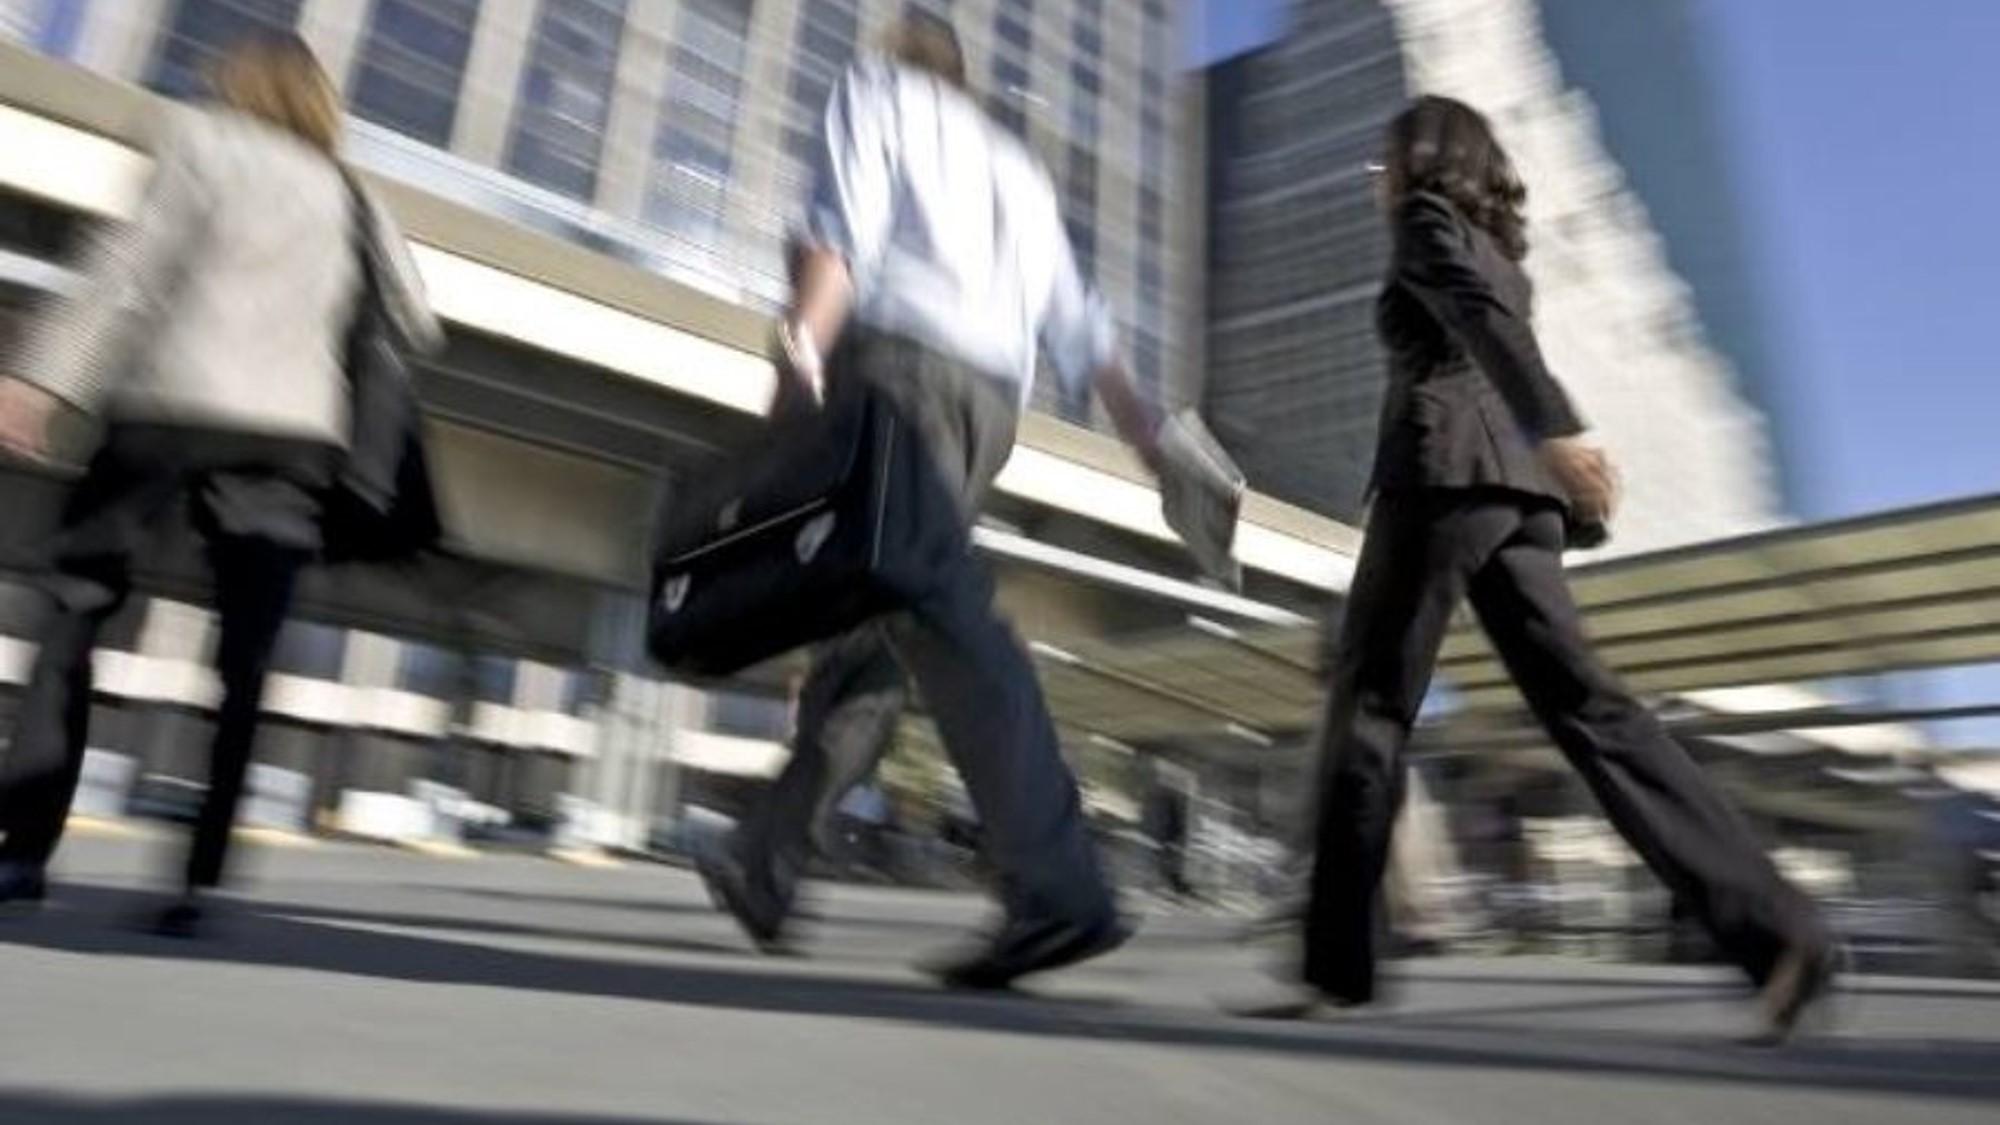 Entre abril y julio de 2020, la Población Económicamente Activa (PEA) tuvo una recuperación de 4.1 millones de personas